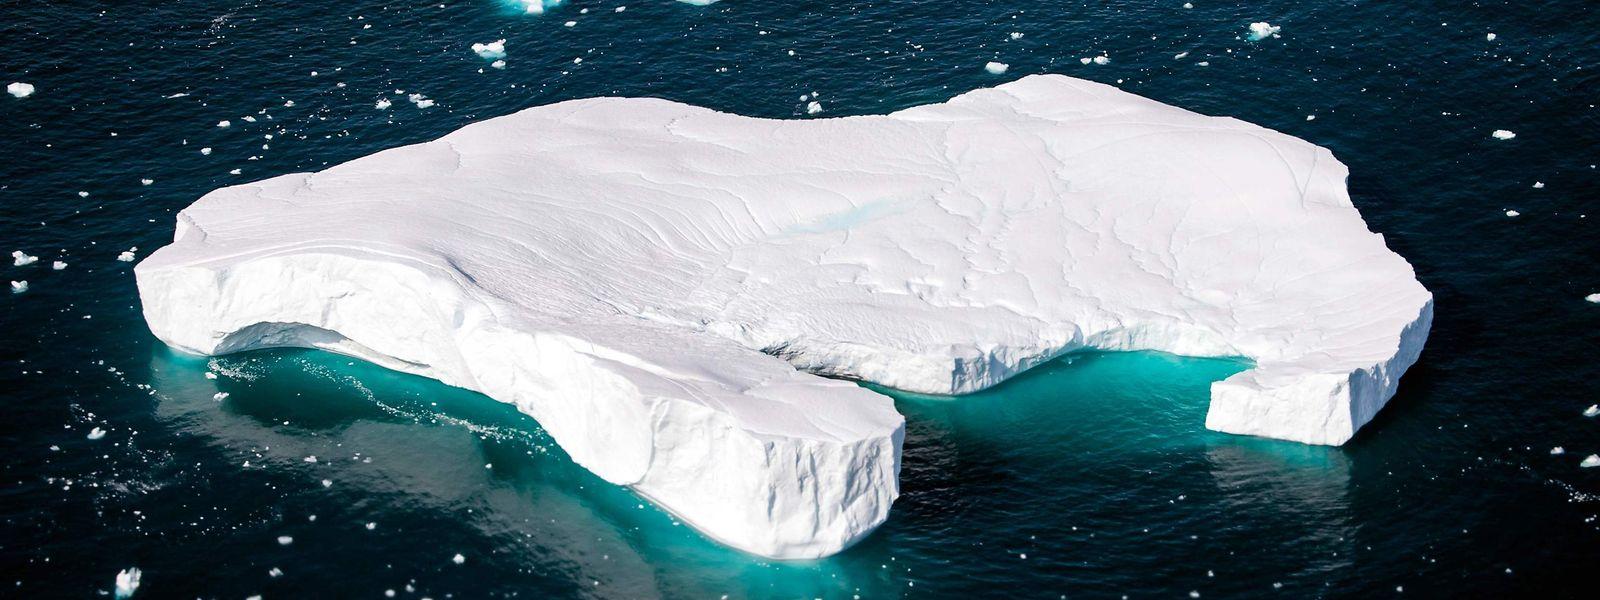 Die Idee, mit einem solchen Koloss aus Eis gegen die Wassernot vorzugehen, sorgte bei vielen Menschen erstmal für Verwirrung. Davon lässt sich der Erfinder der Idee jedoch nicht beirren.